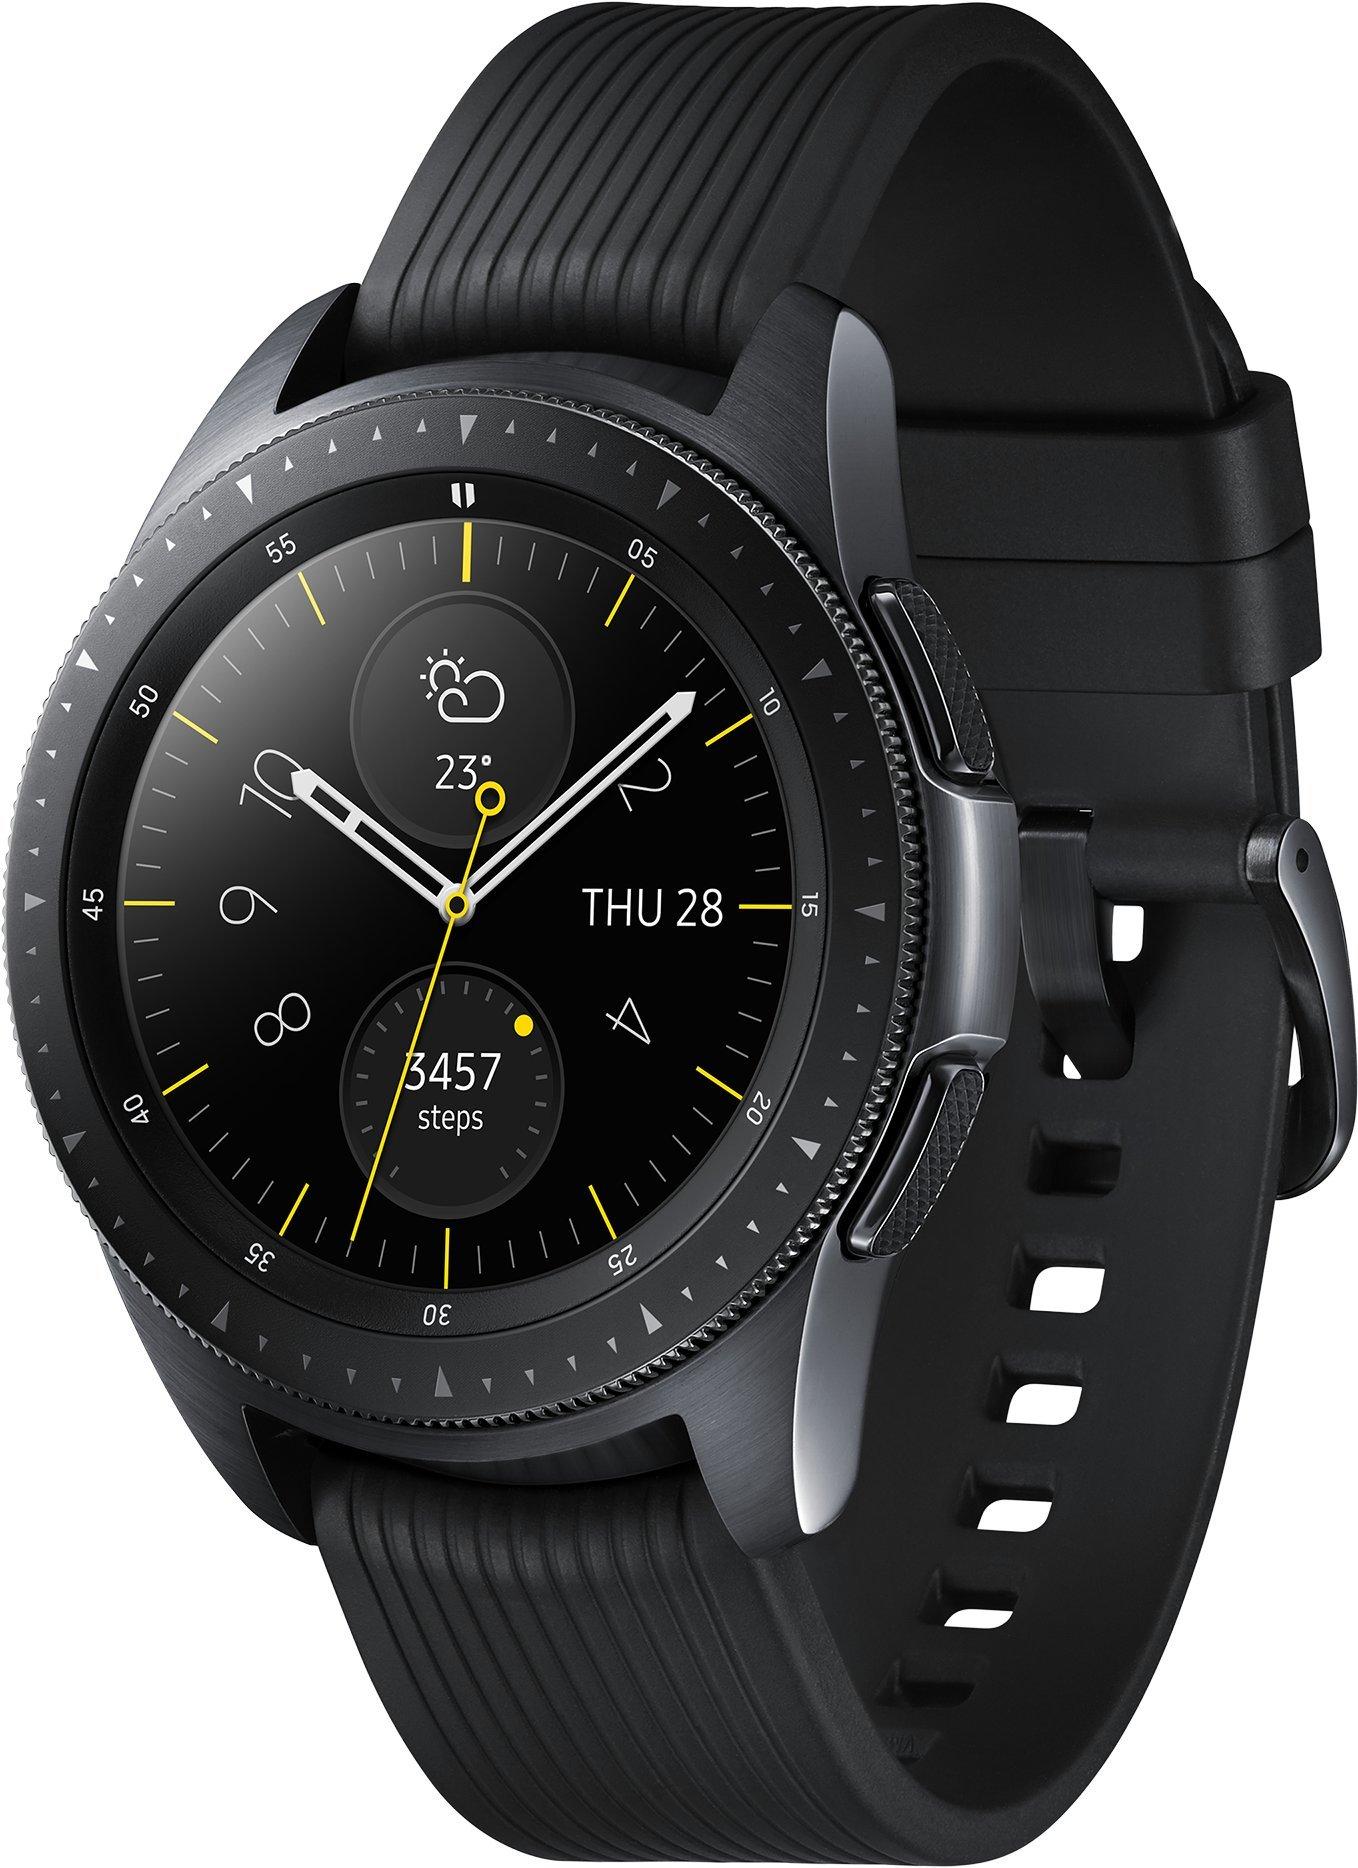 Samsung Galaxy Watch SM-R815F 42 mm - Midnight Black